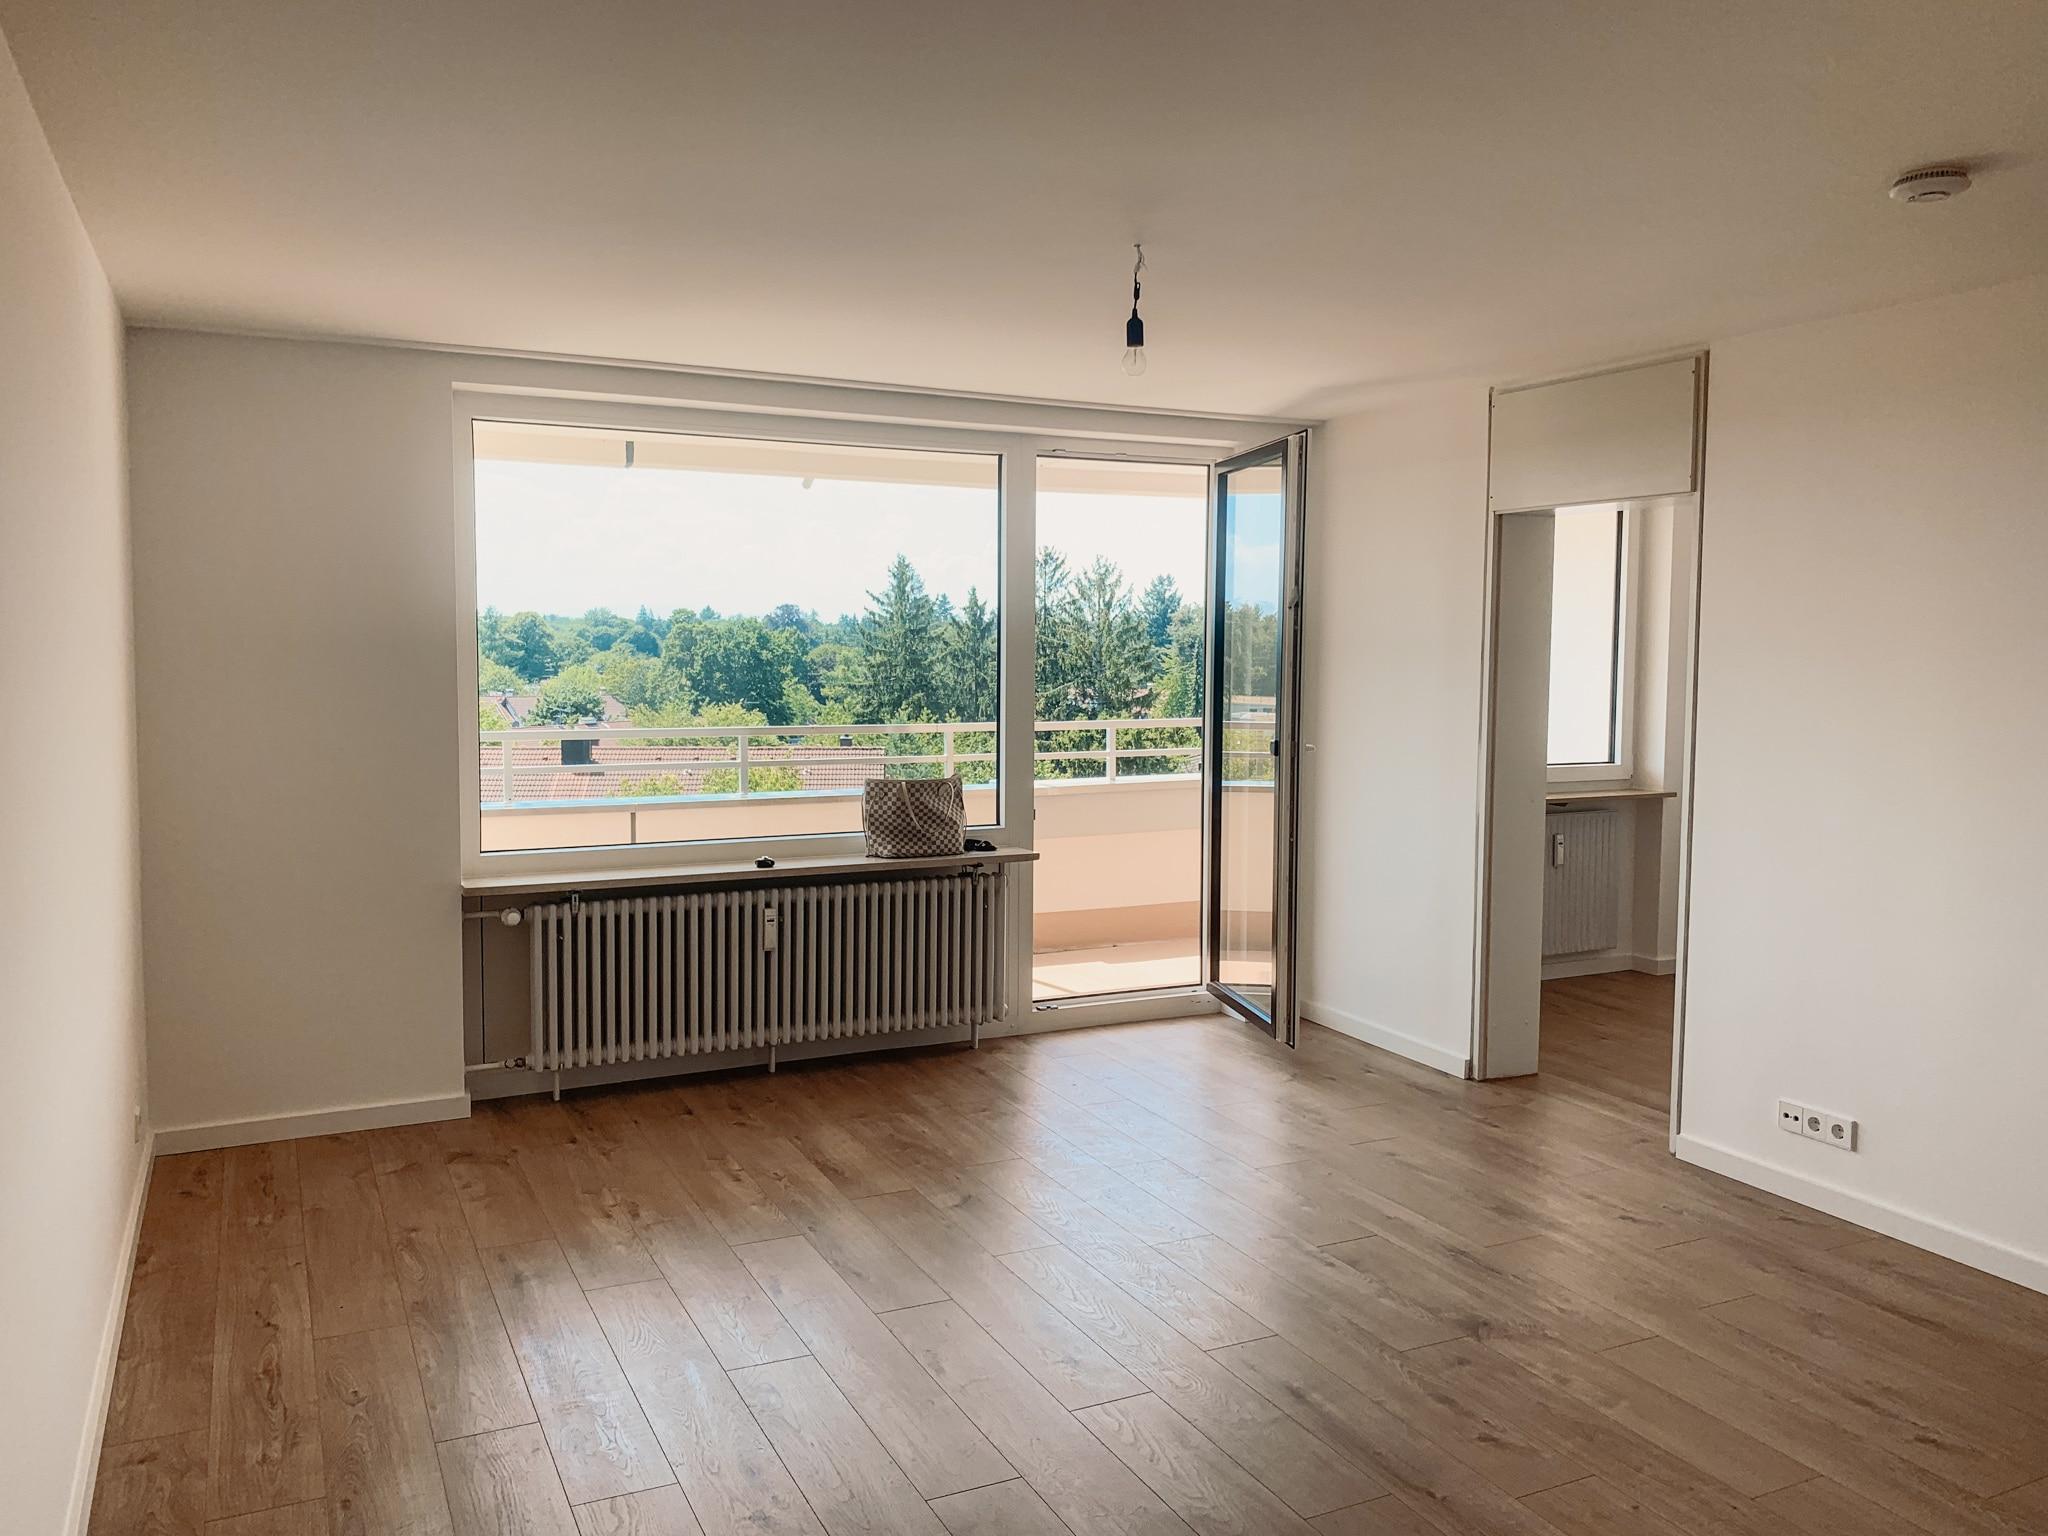 Wohnung kaufen in München: Erfahrungen mit dem ersten Immobilienkauf